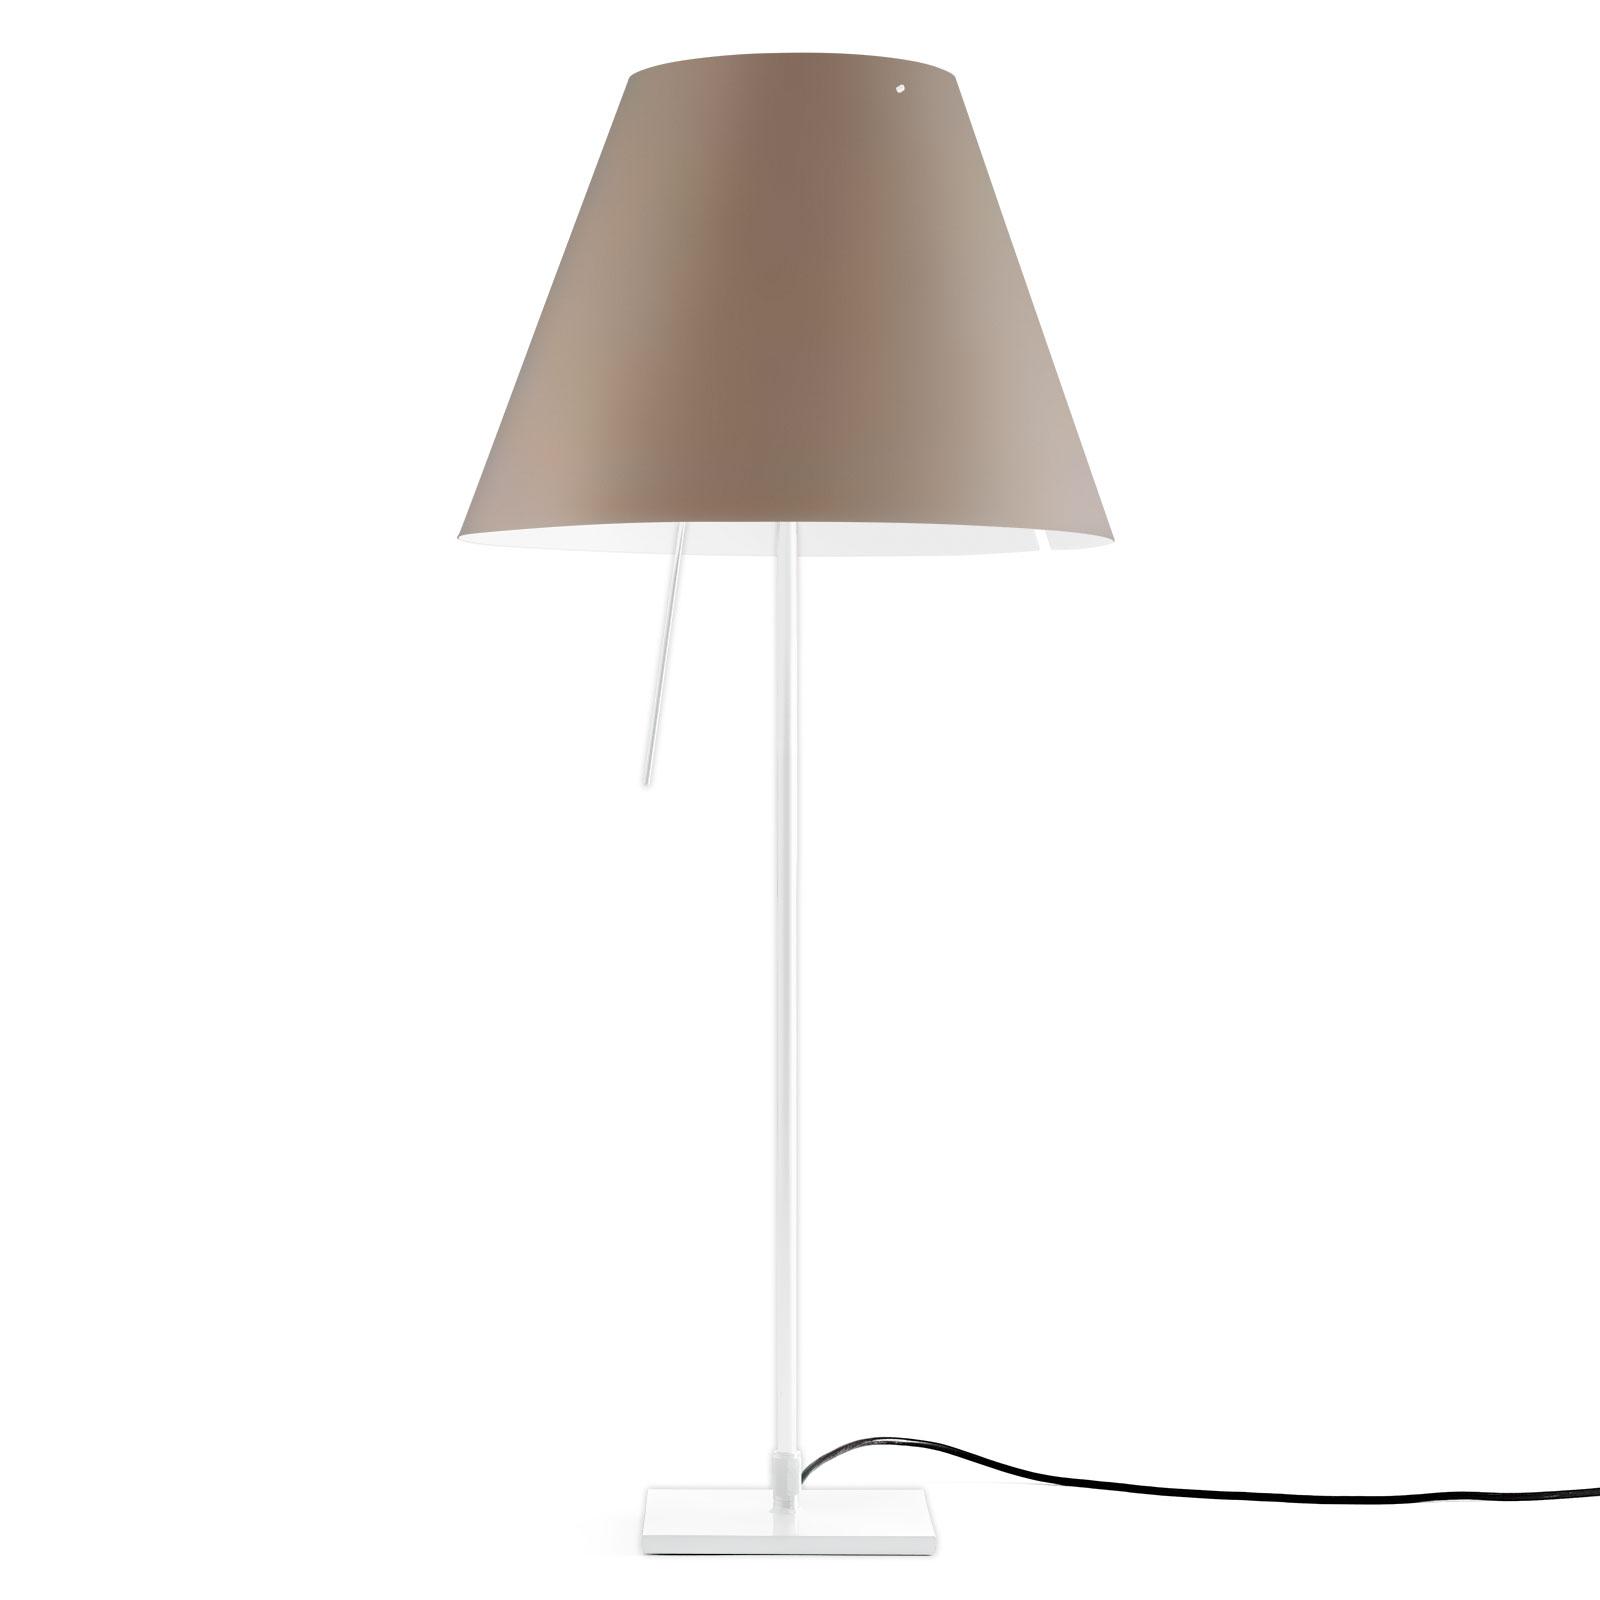 Luceplan Costanza Tischlampe D13if weiß/nougat